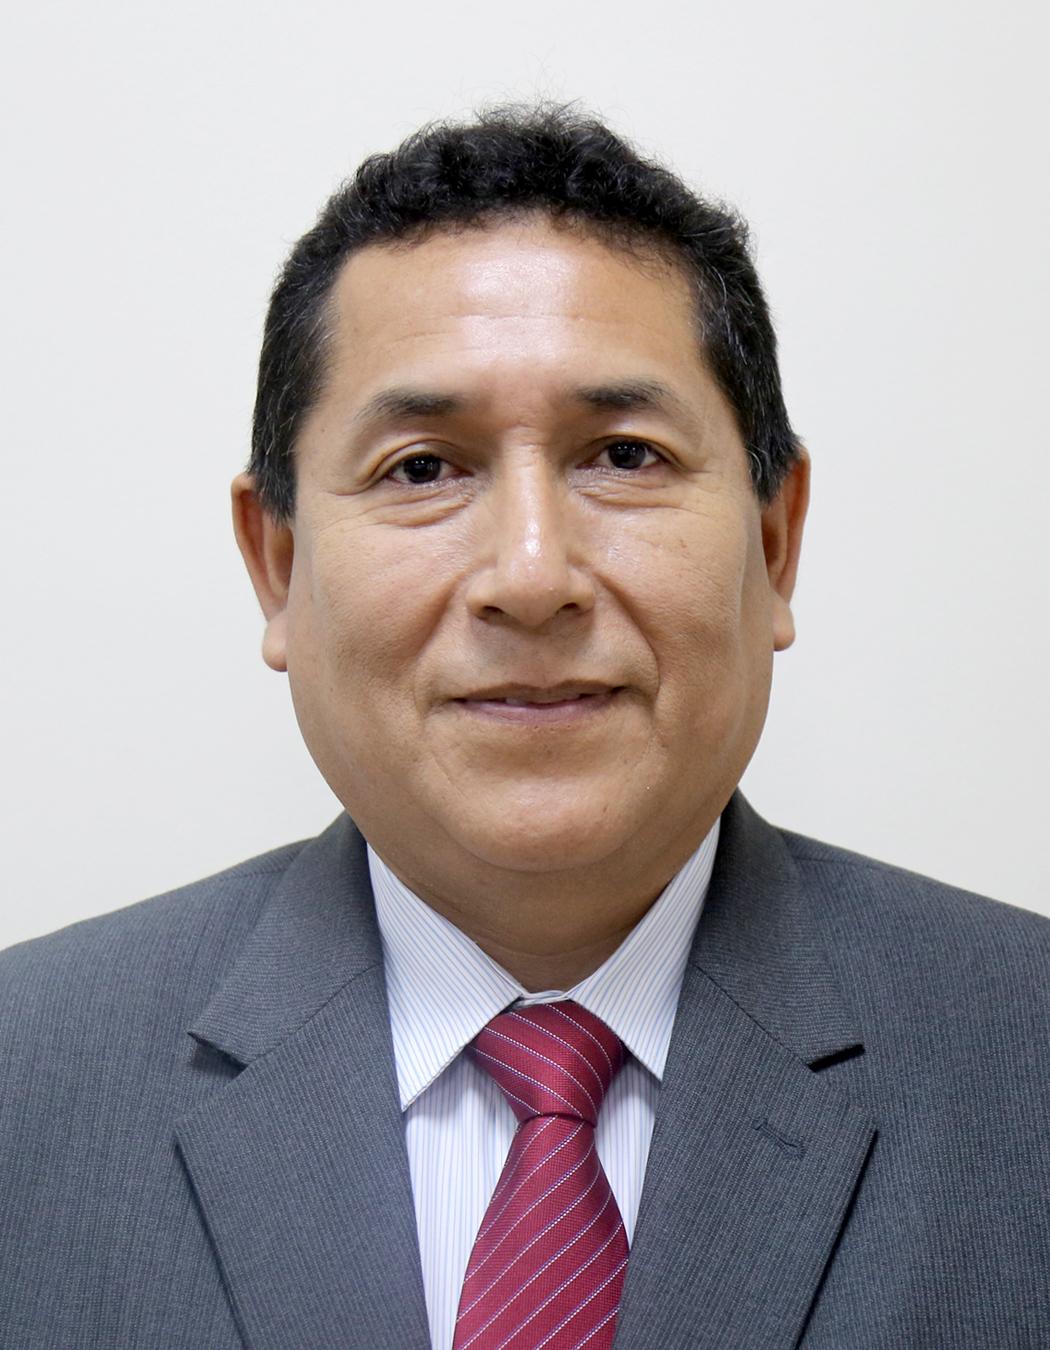 FERNANDO ROMAN MALDONADO